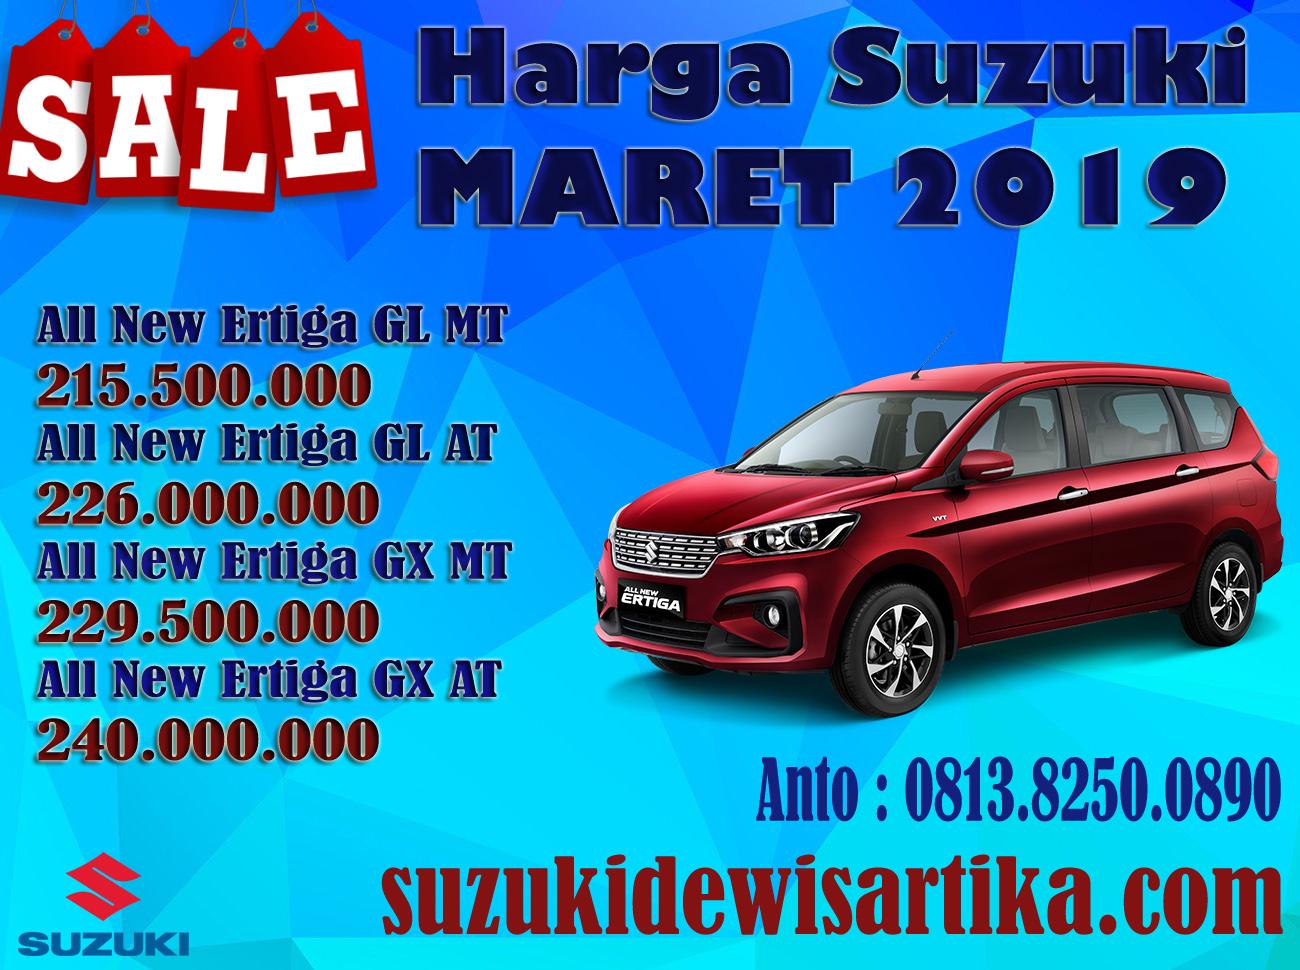 Harga Mobil Suzuki Bulan Maret 2019 Harga Suzuki Ertiga Dp 15 Juta Promo Suzuki Ertiga Paket Kredit Suzuki Ertiga Terbaru 2021 Promo Suzuki Xl7